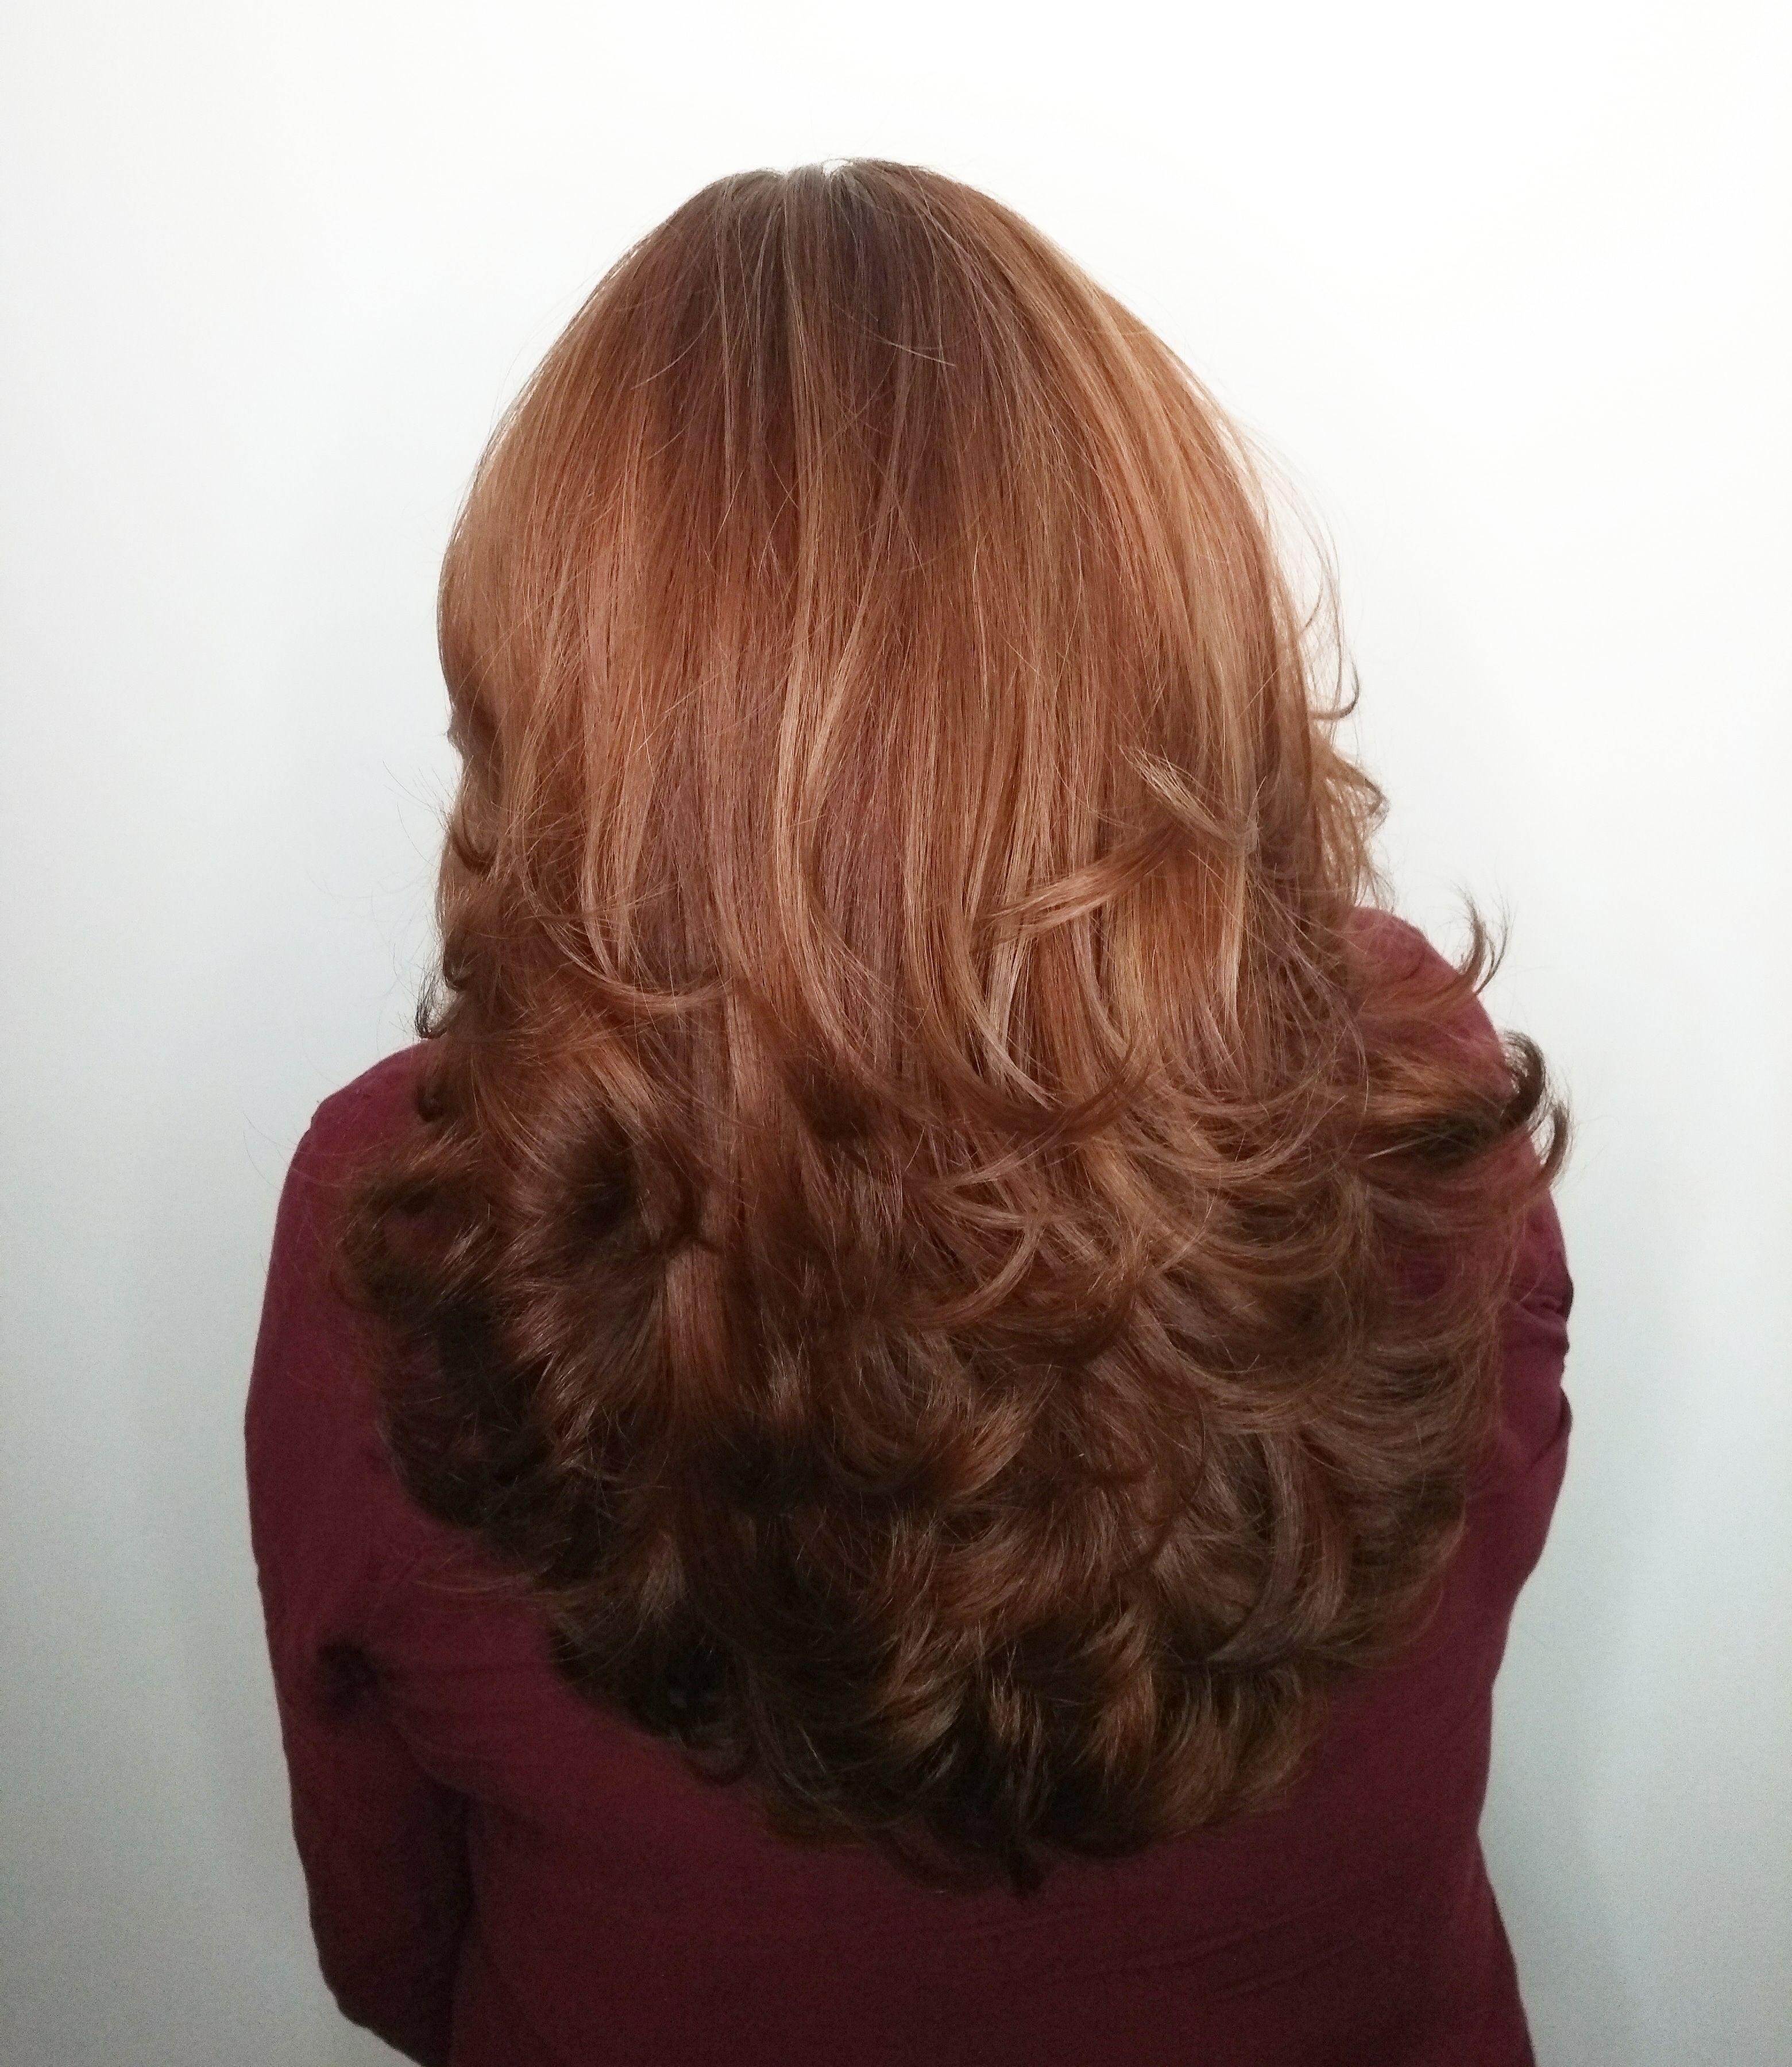 Corte Base Arredondada com Repicado em Camadas cabelo cabeleireiro(a)